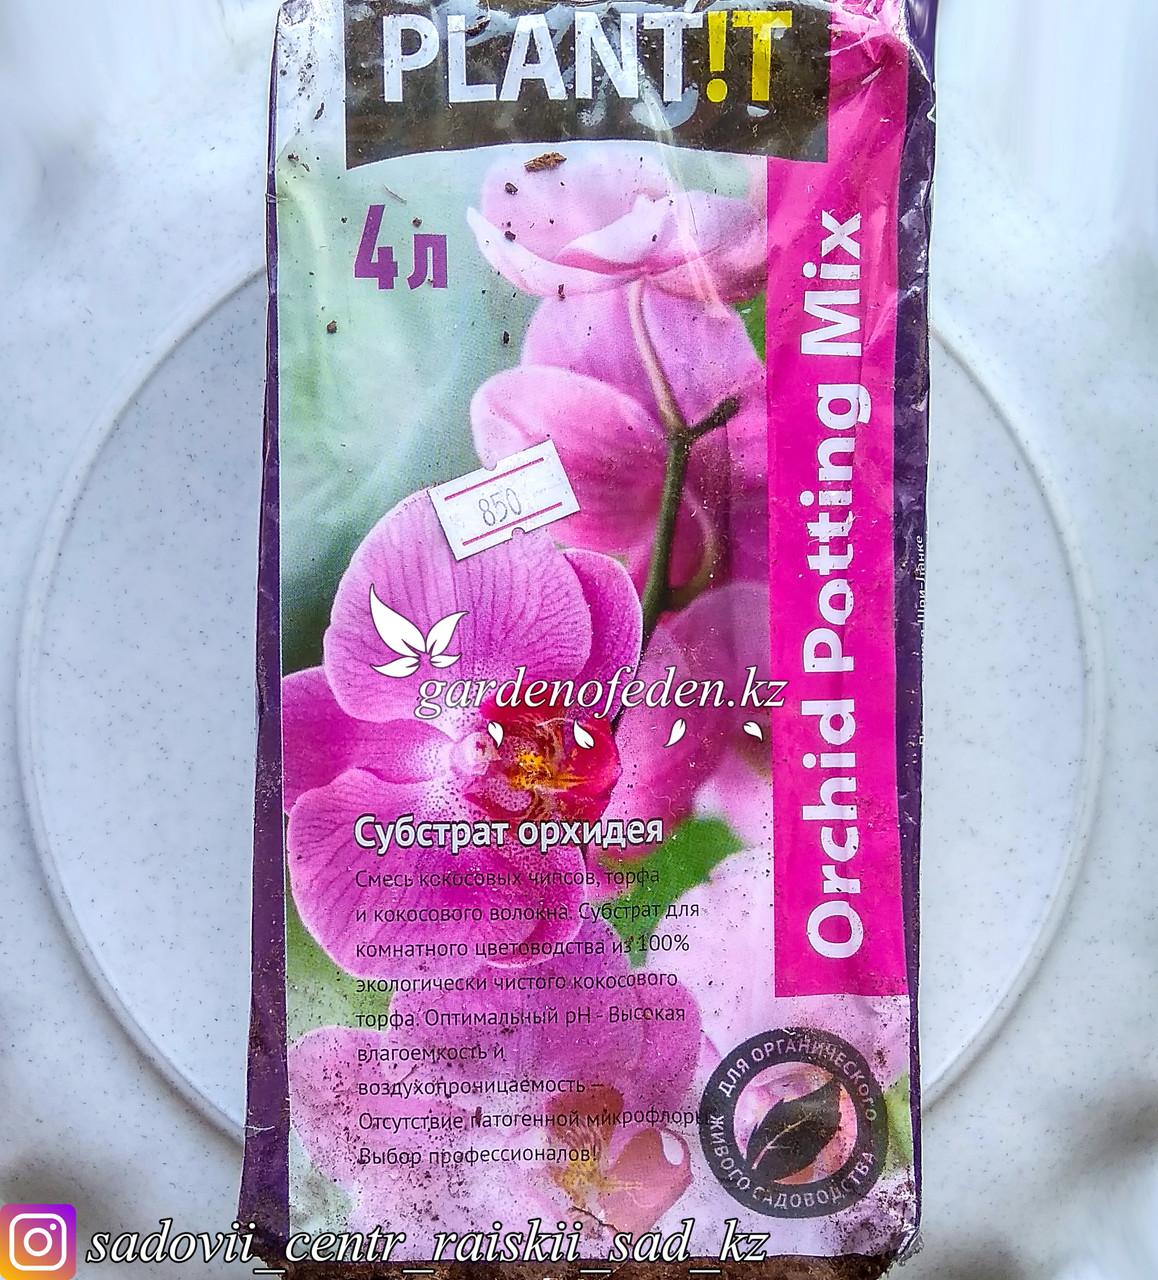 Субстрат кокосовый PLANT!T для орхидей 4л.